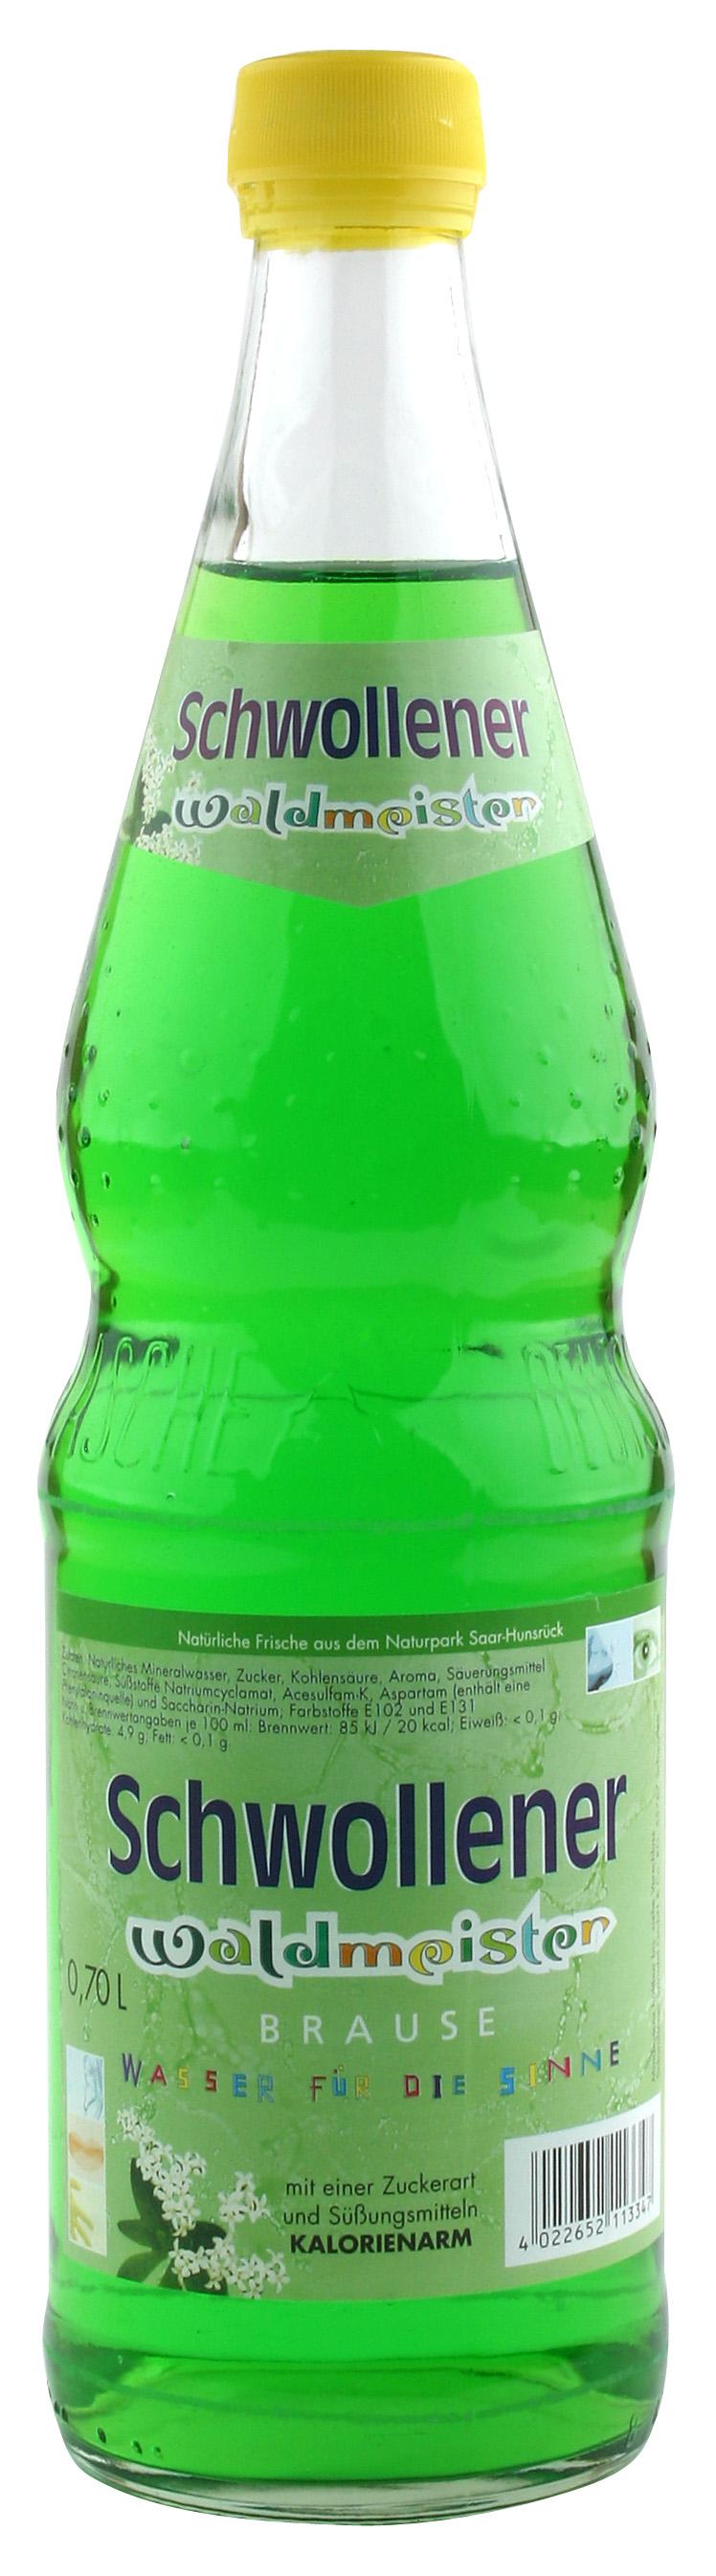 Schwollener Waldmeister (0,7 Liter) Schwollener Sprudel GmbH & Co ...